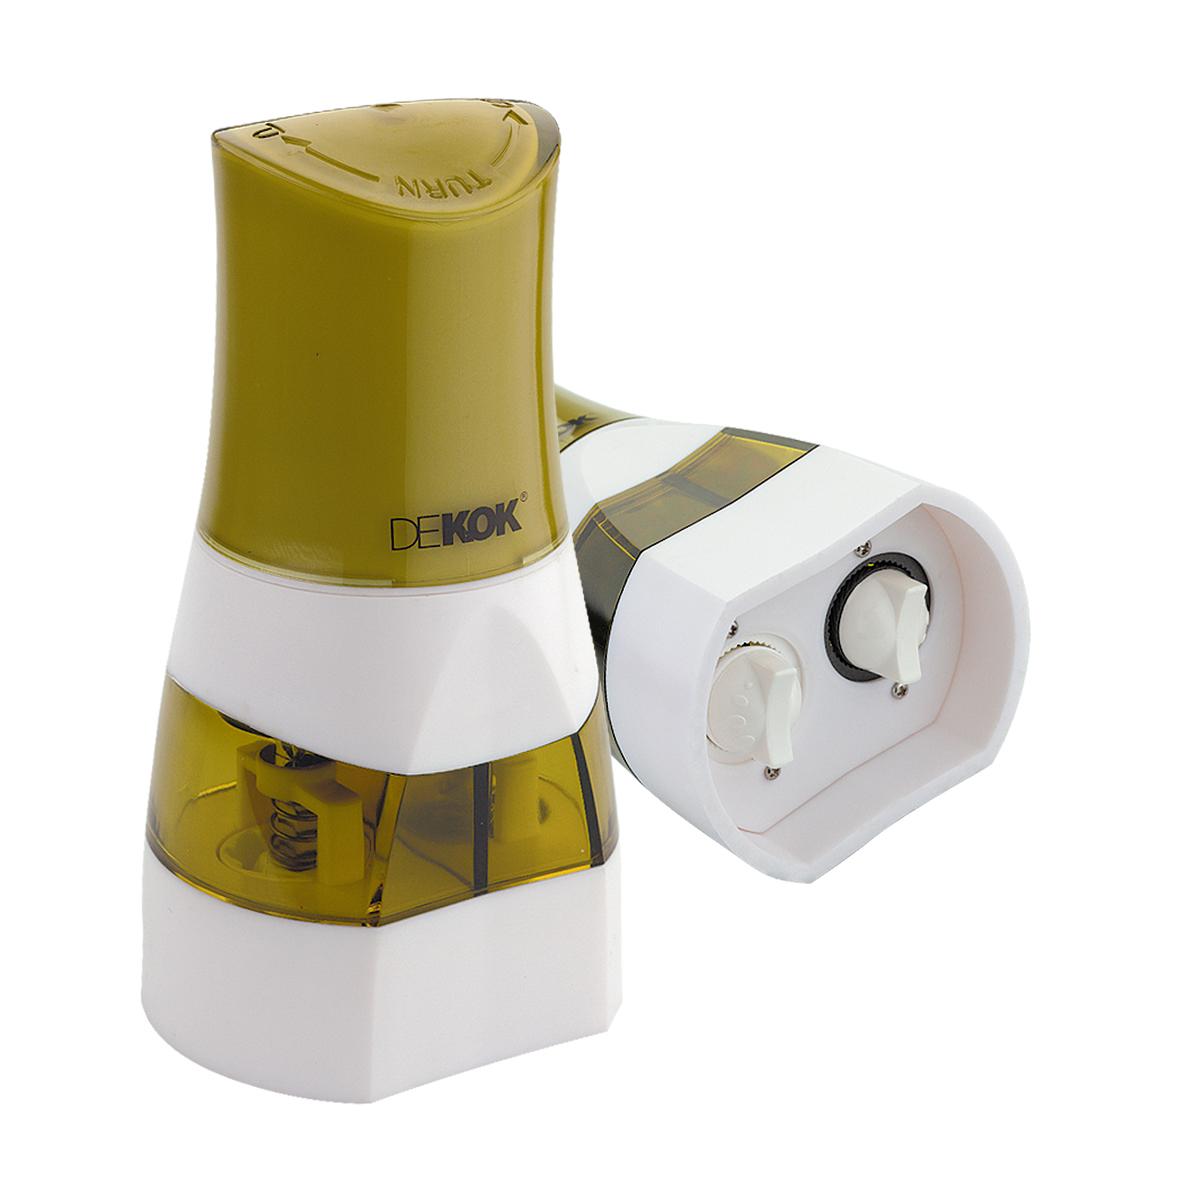 Прибор для измельчения специй Dekok, цвет: фисташковый, белыйUKA-1521Прибор для измельчения специй Dekok изготовлен из ударопрочного акрила и нержавеющей стали. Помолочный механизм выполнен из керамики. Инновационный дизайн позволяетлегко наполнять измельчитель и попеременно перемалывать 2 специи. Механизмоснащен регулятором размера помола. Прибор легко открывается, достаточно лишь потянуть вверх ручки помола. Идеально подходит для хранения специй и приправ.